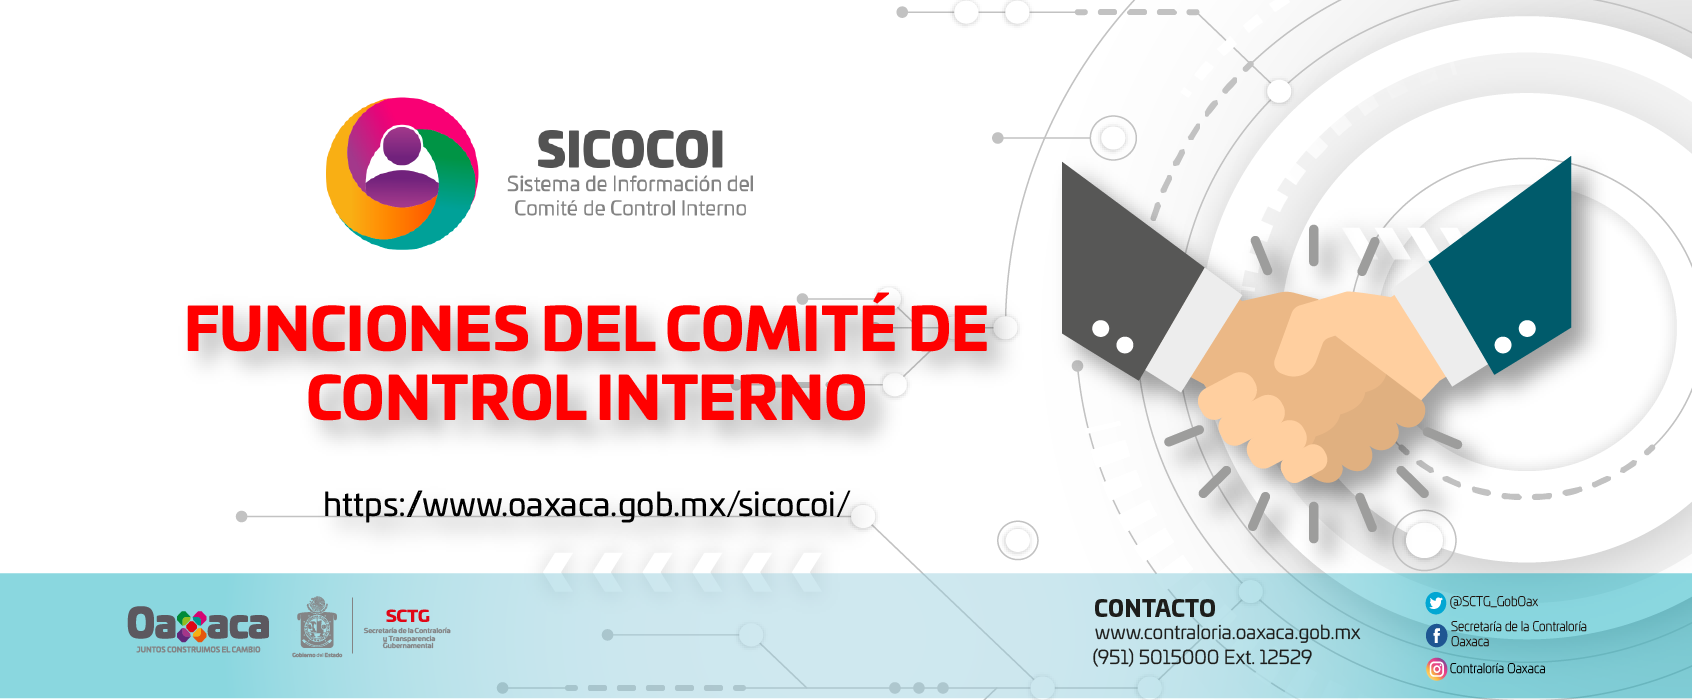 Funciones del Comité del Control Interno